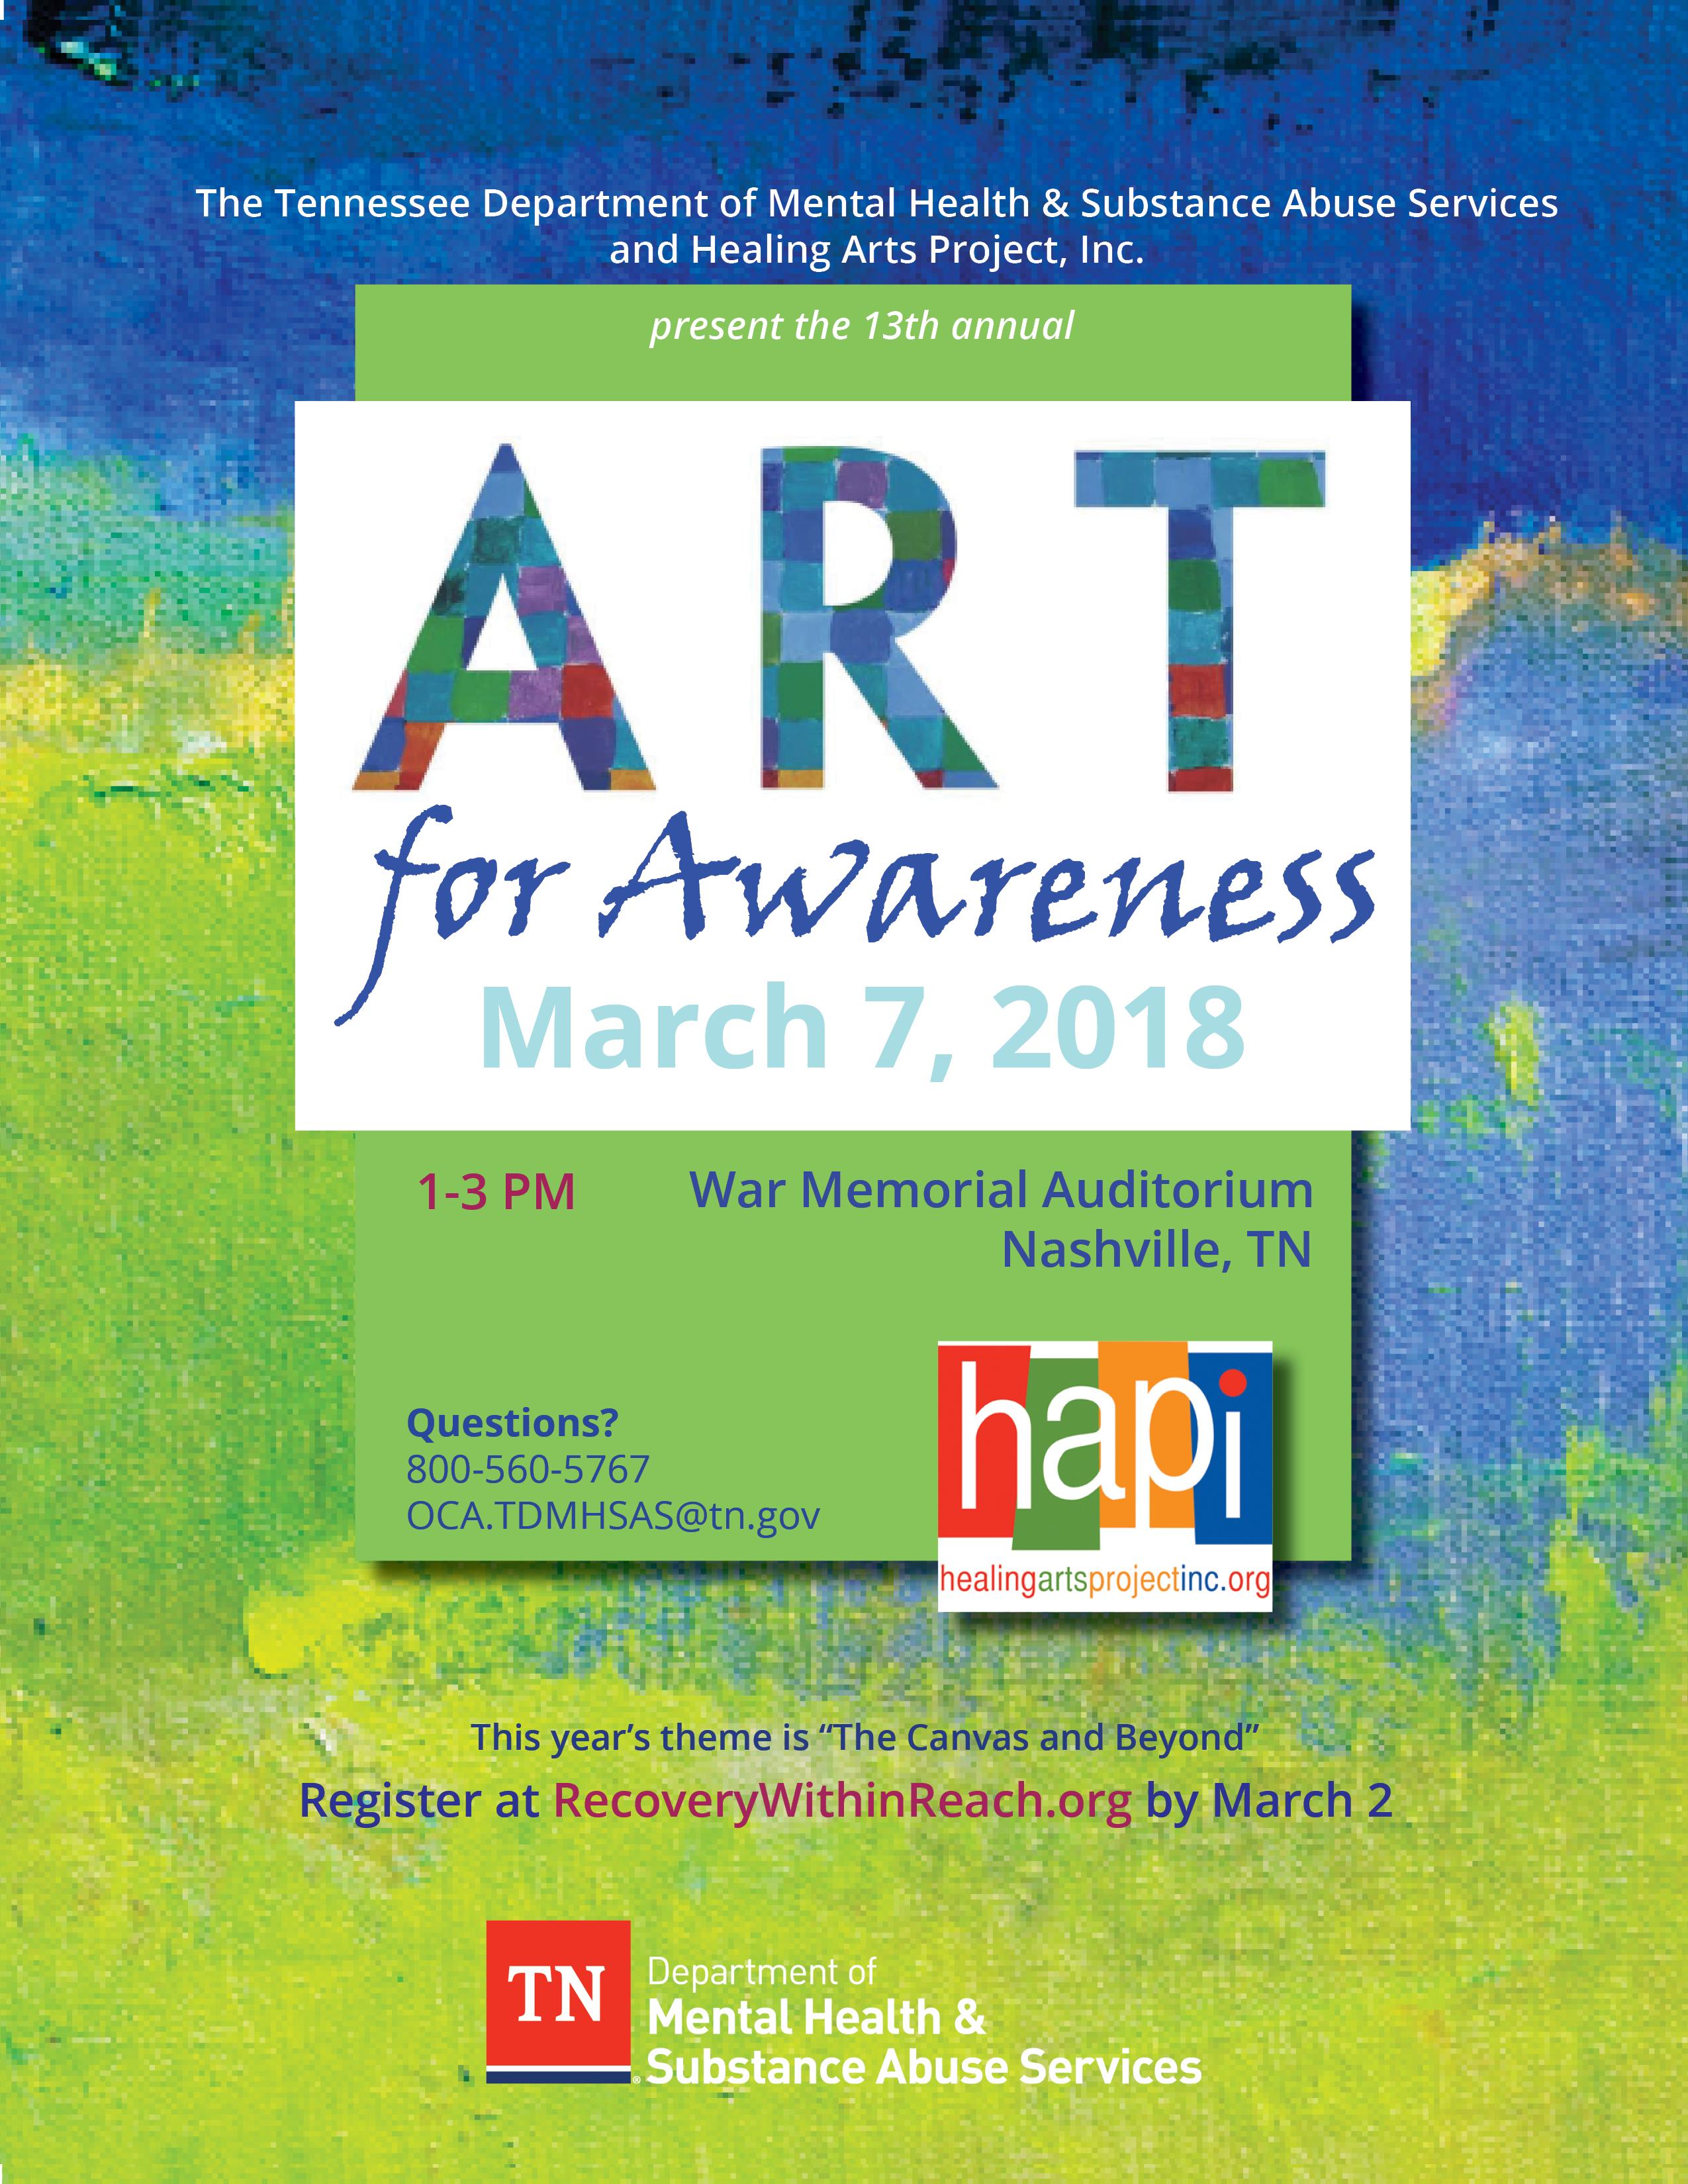 Flier for Art for Awareness 2018